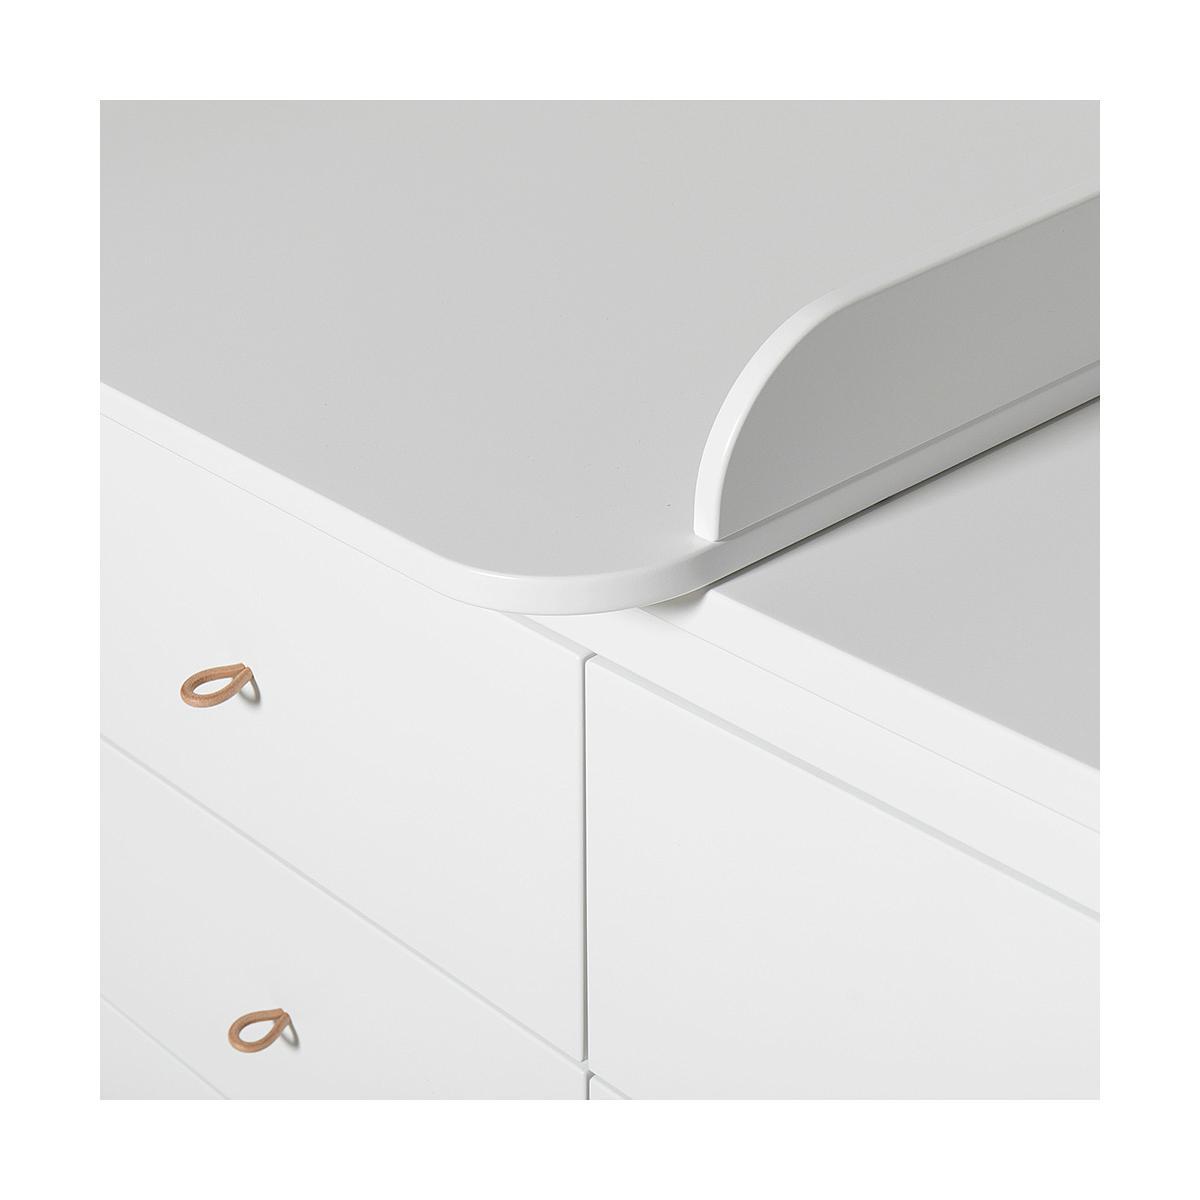 Cómoda 6 cajones cambiador small WOOD Oliver Furniture blanco